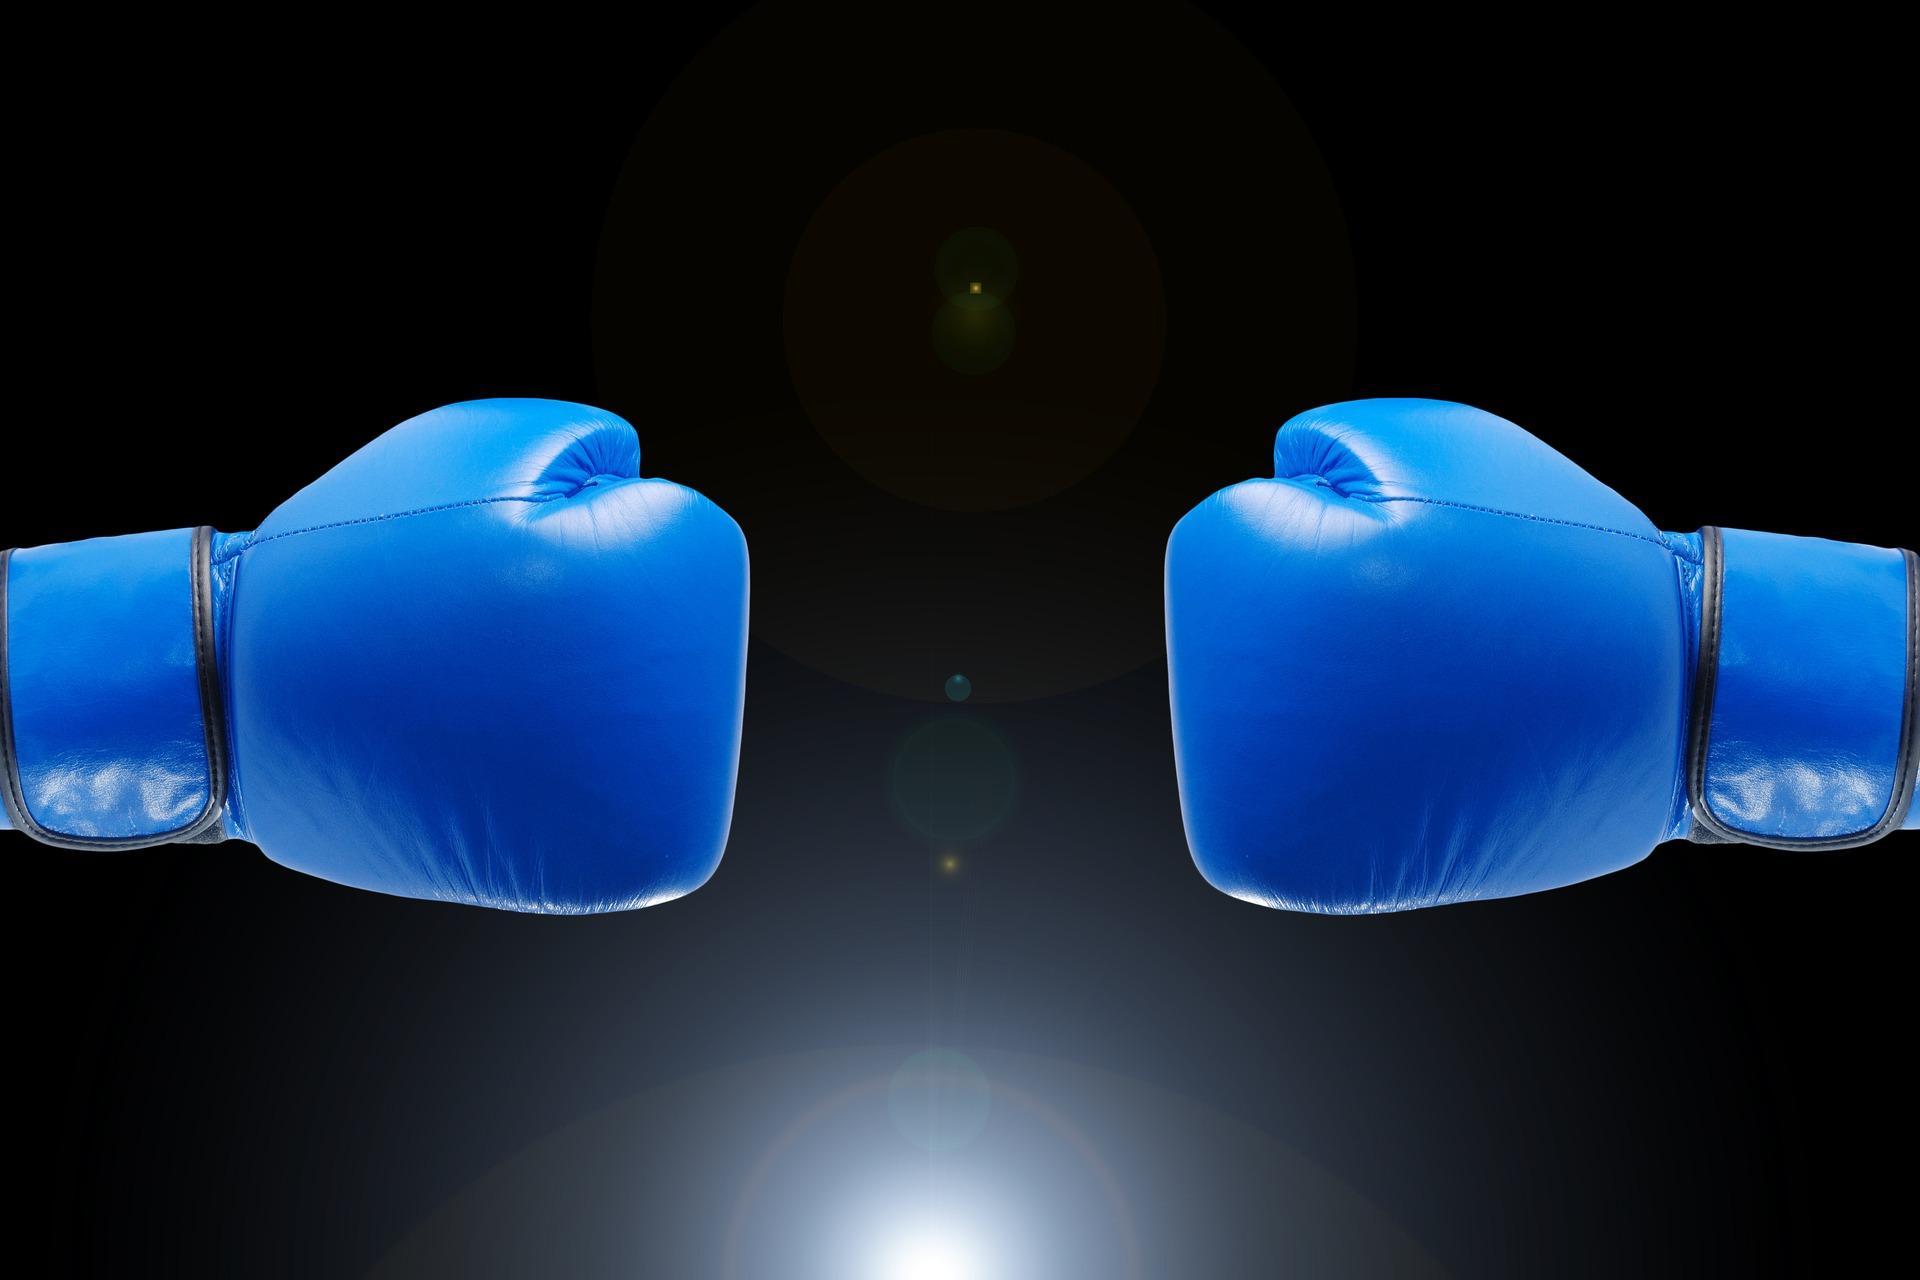 boxing-gloves-1709174_1920.jpg